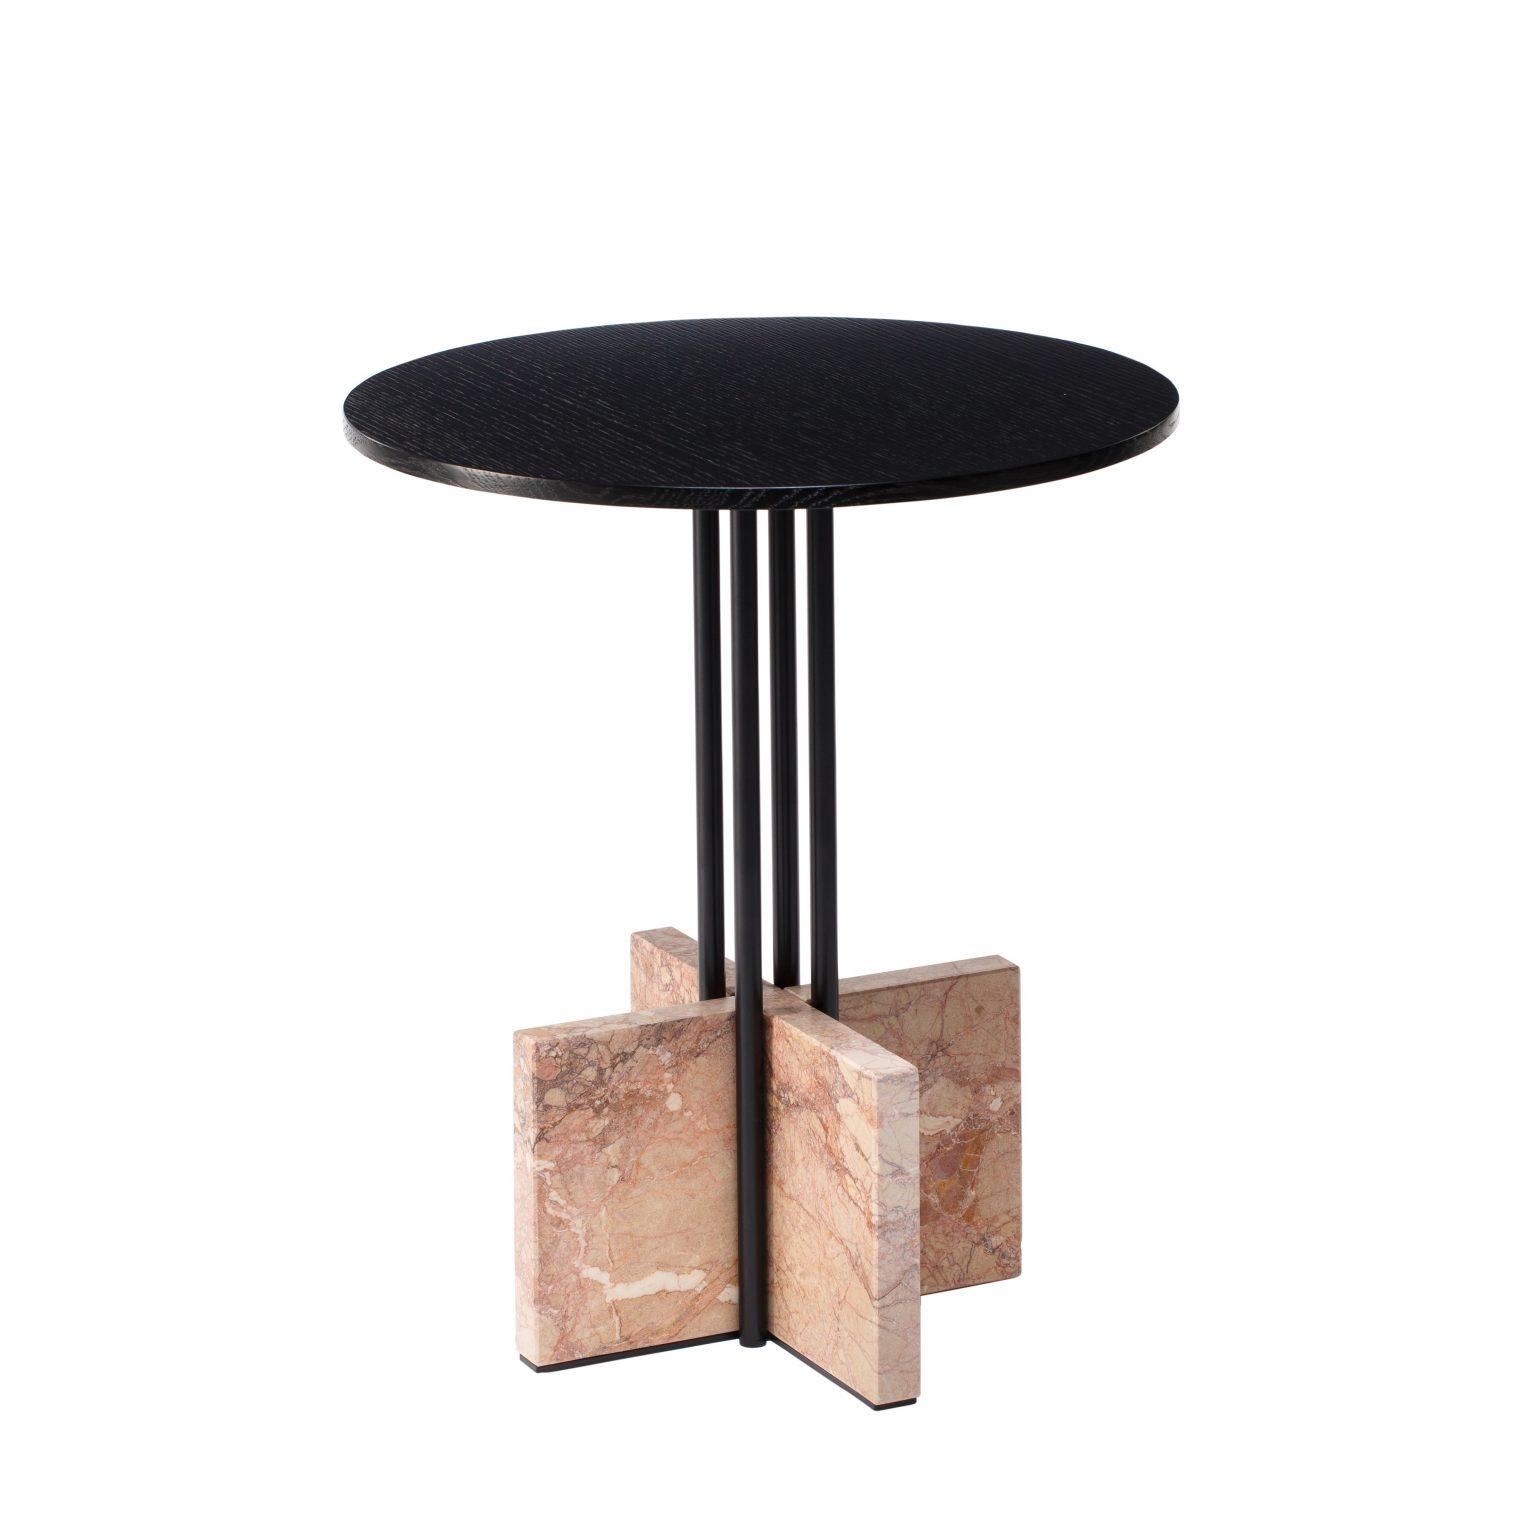 Favius Beistelltisch Gravity Table Breccia Pernice